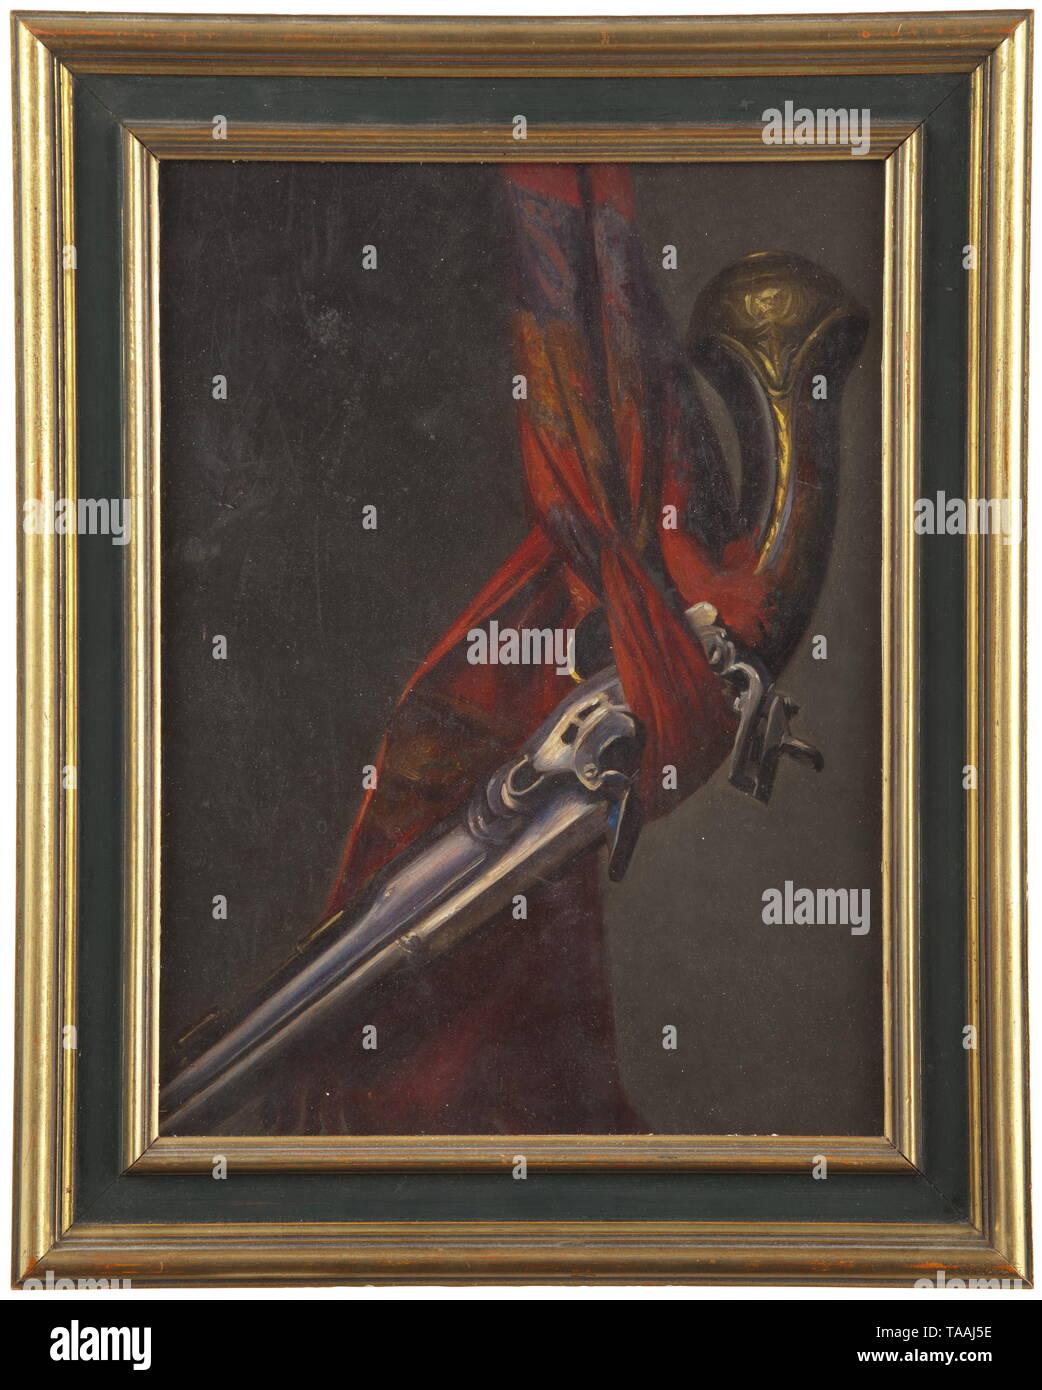 Pittura, still life con pistola, olio su cartone, in Francia o in Spagna, circa 1900, Additional-Rights-Clearance-Info-Not-Available Immagini Stock